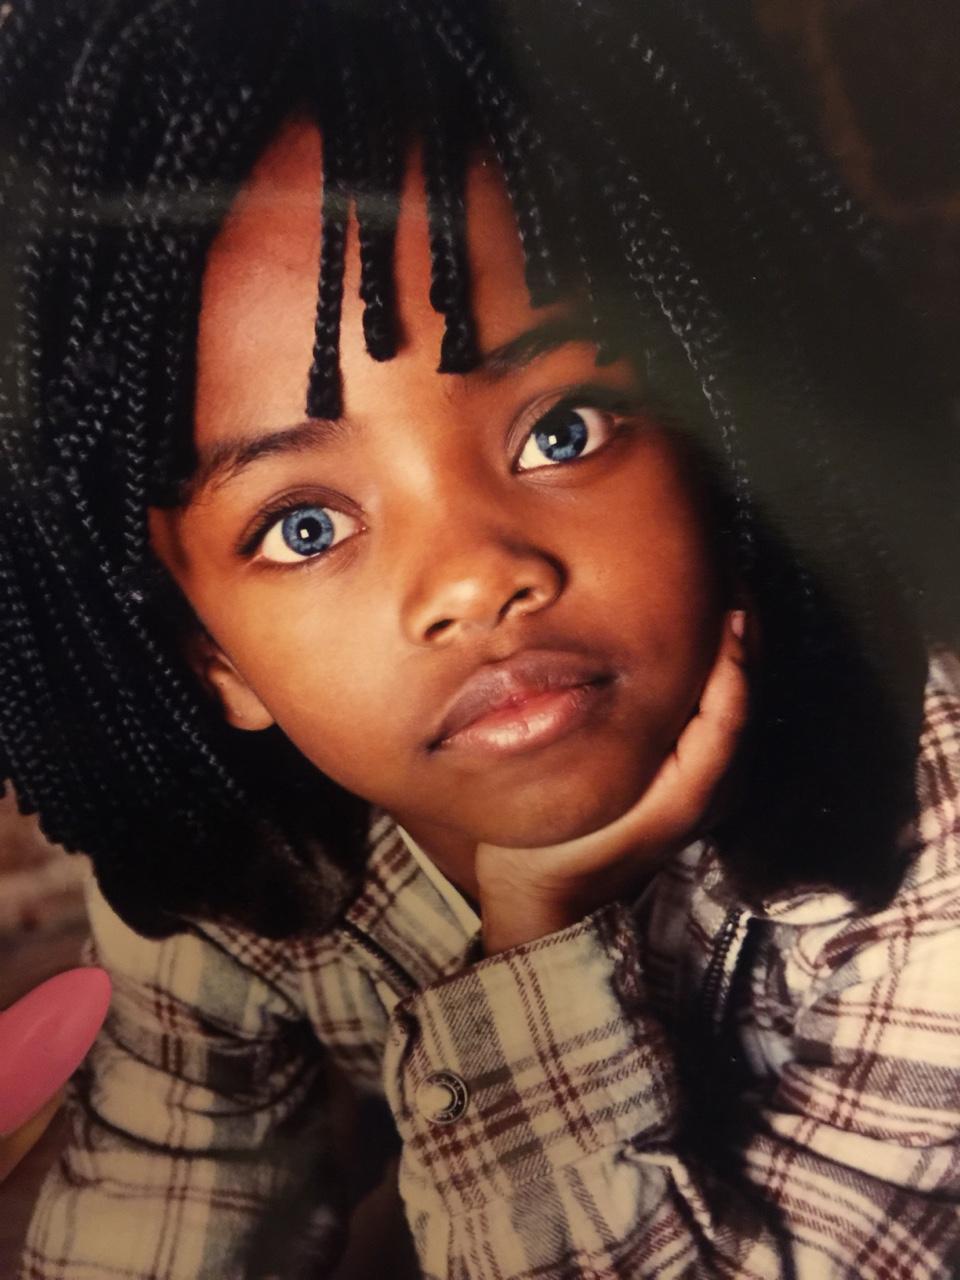 صور طفل افريقي يمتلك اجمل عيون في الكون سبحان الله , اطفال من اصول افريقية بعيون ساحرة